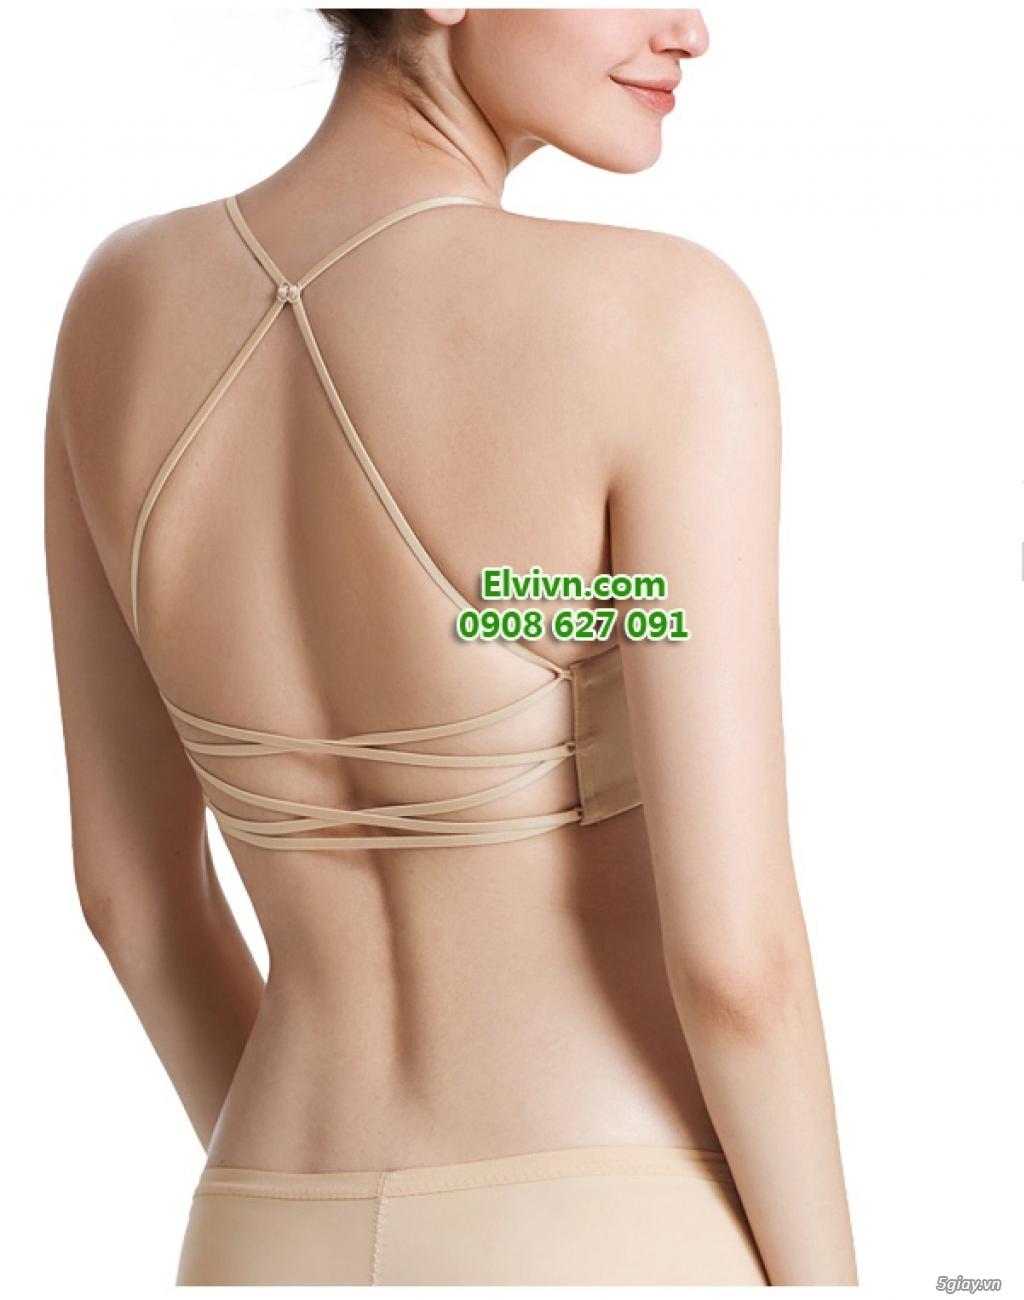 Áo ngực không dây, áo ngực mặc đầm hở lưng, áo ngực nâng ngực siêu dày - 33